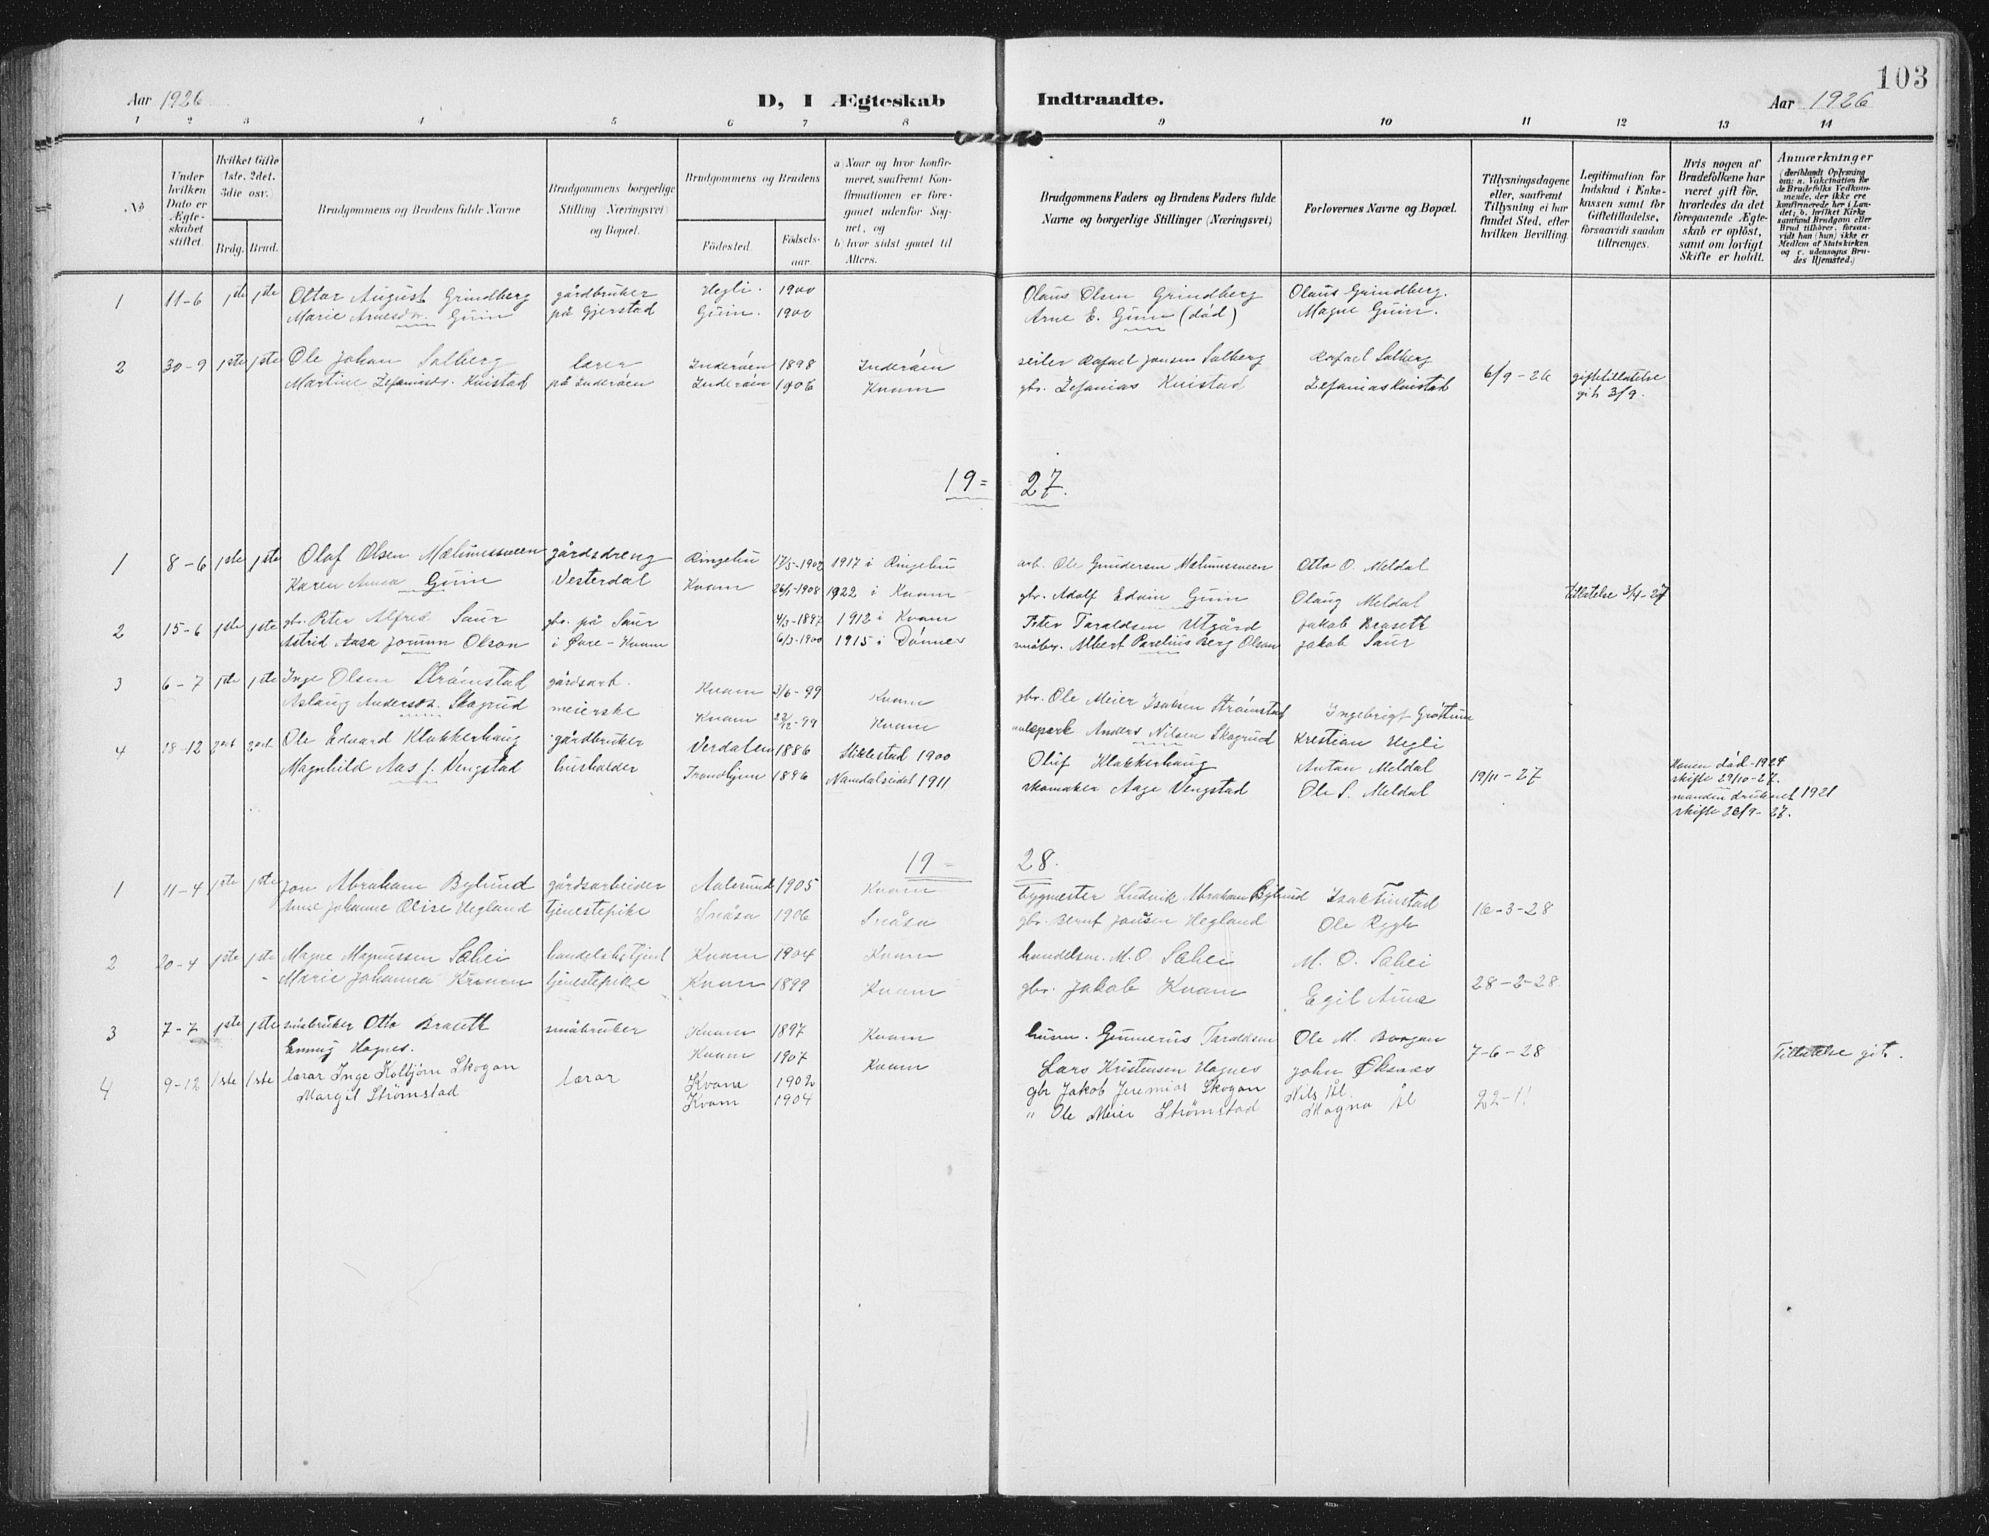 SAT, Ministerialprotokoller, klokkerbøker og fødselsregistre - Nord-Trøndelag, 747/L0460: Klokkerbok nr. 747C02, 1908-1939, s. 103